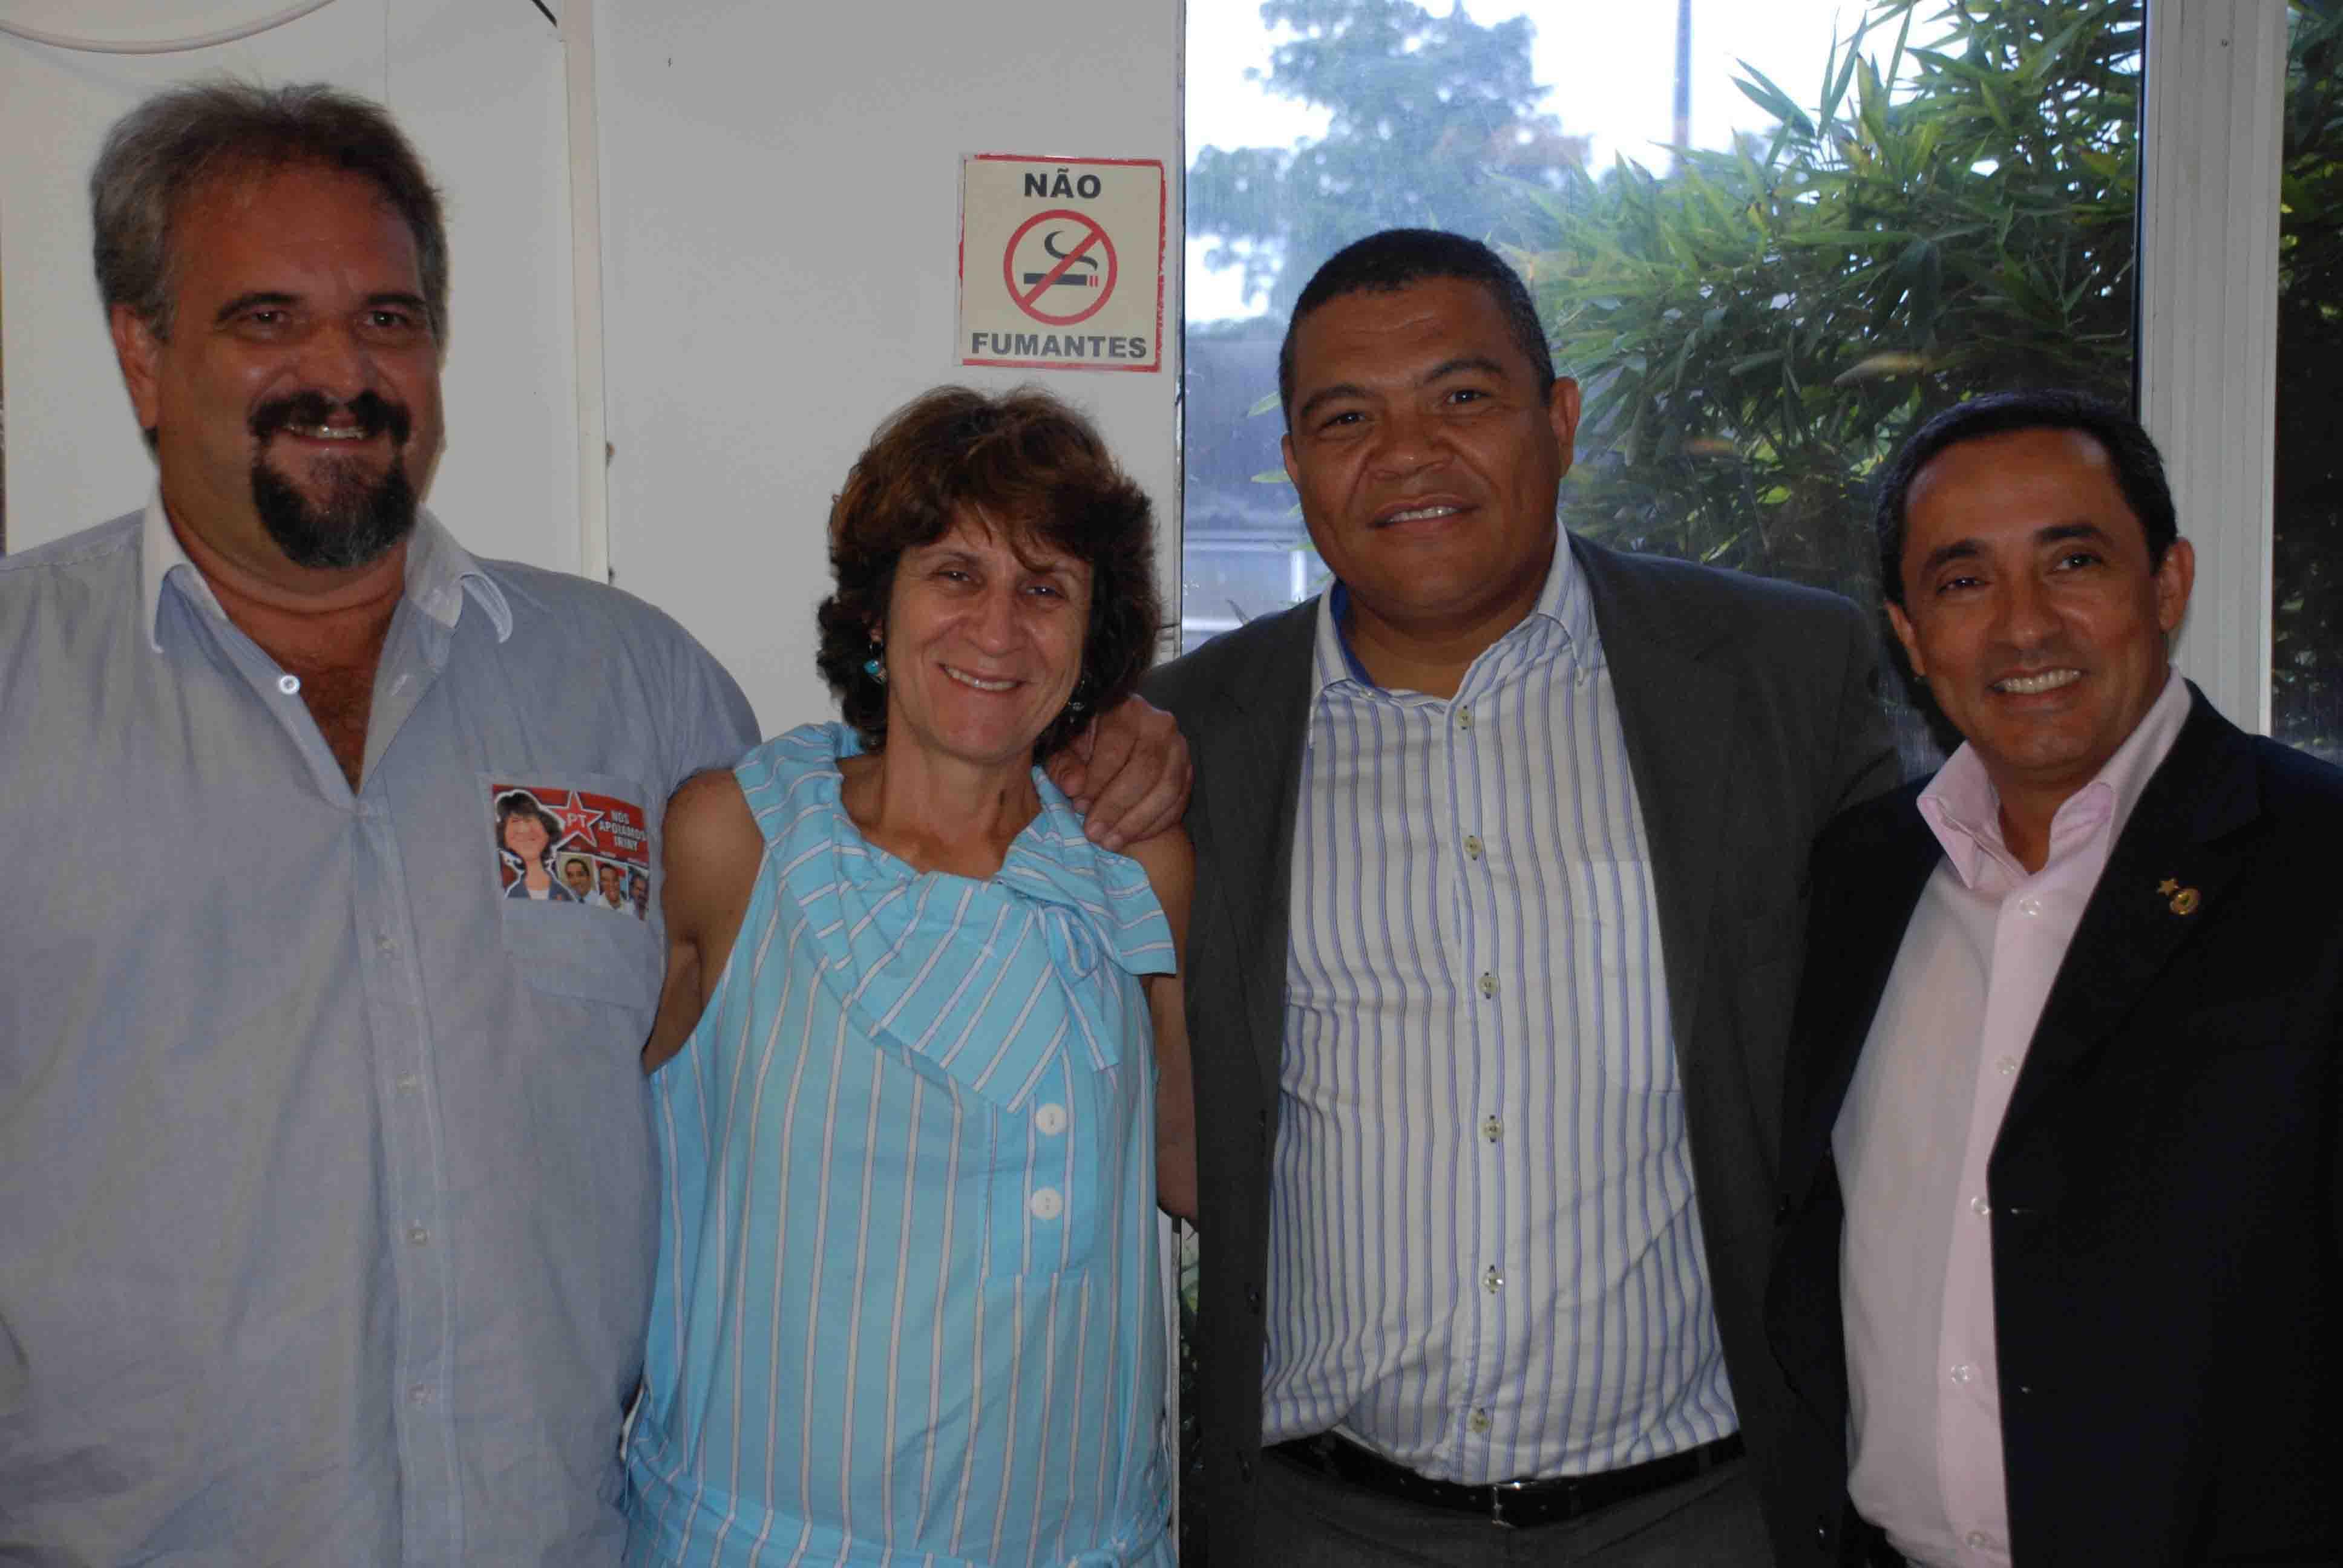 Marcelino Galo, Iriny Lopes (candidata à presidência nacional do PT), Valmir e Yulo estarão em Itabuna na manhã deste sábado.